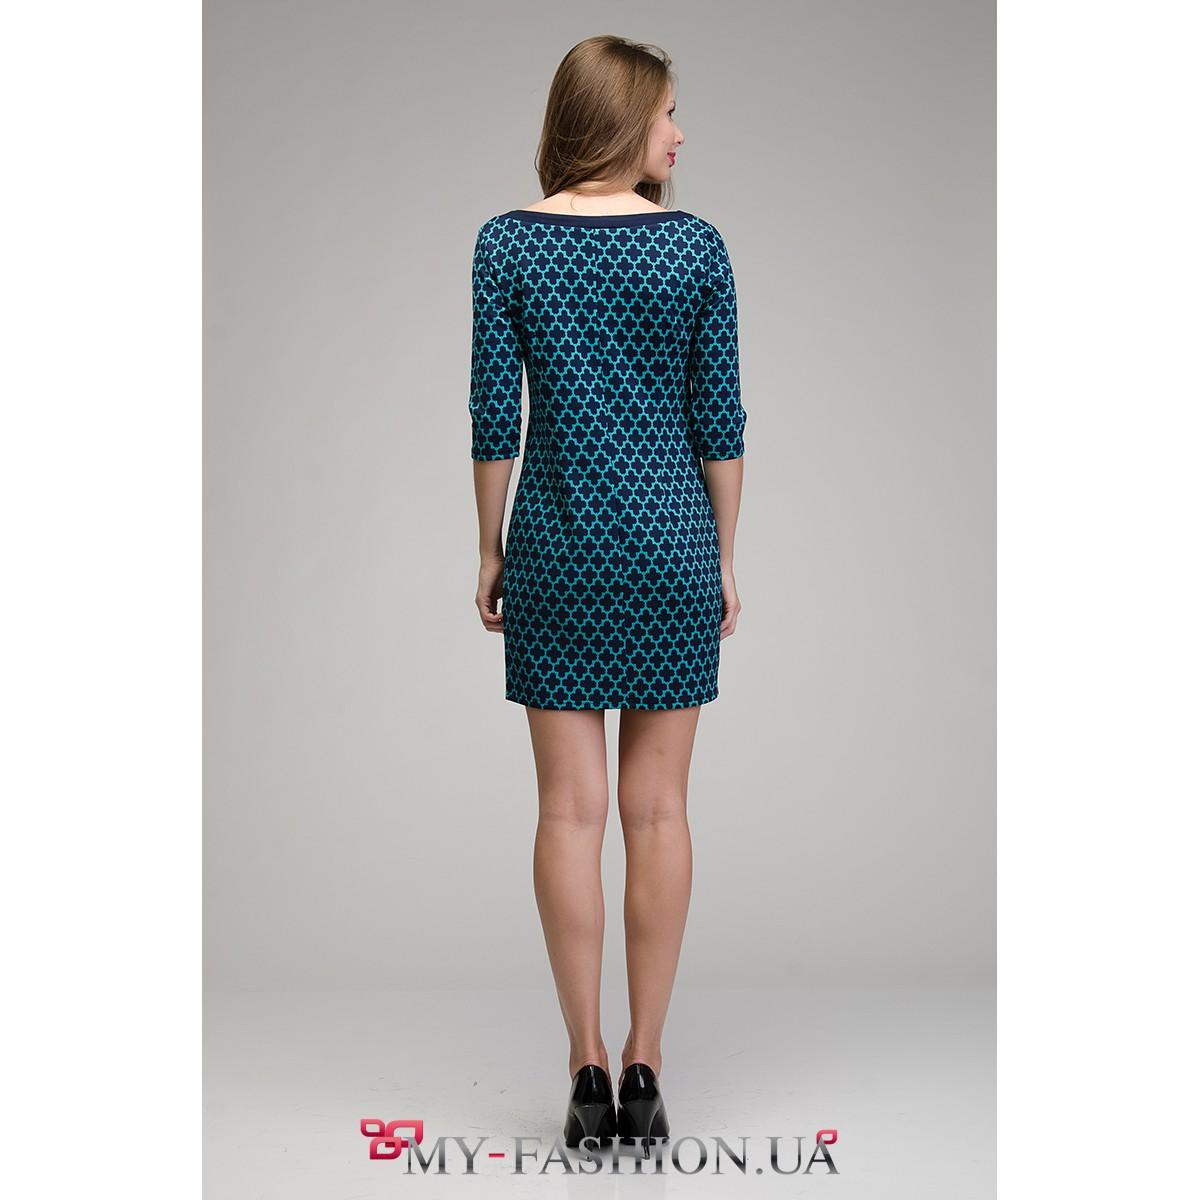 Платье синее доставка